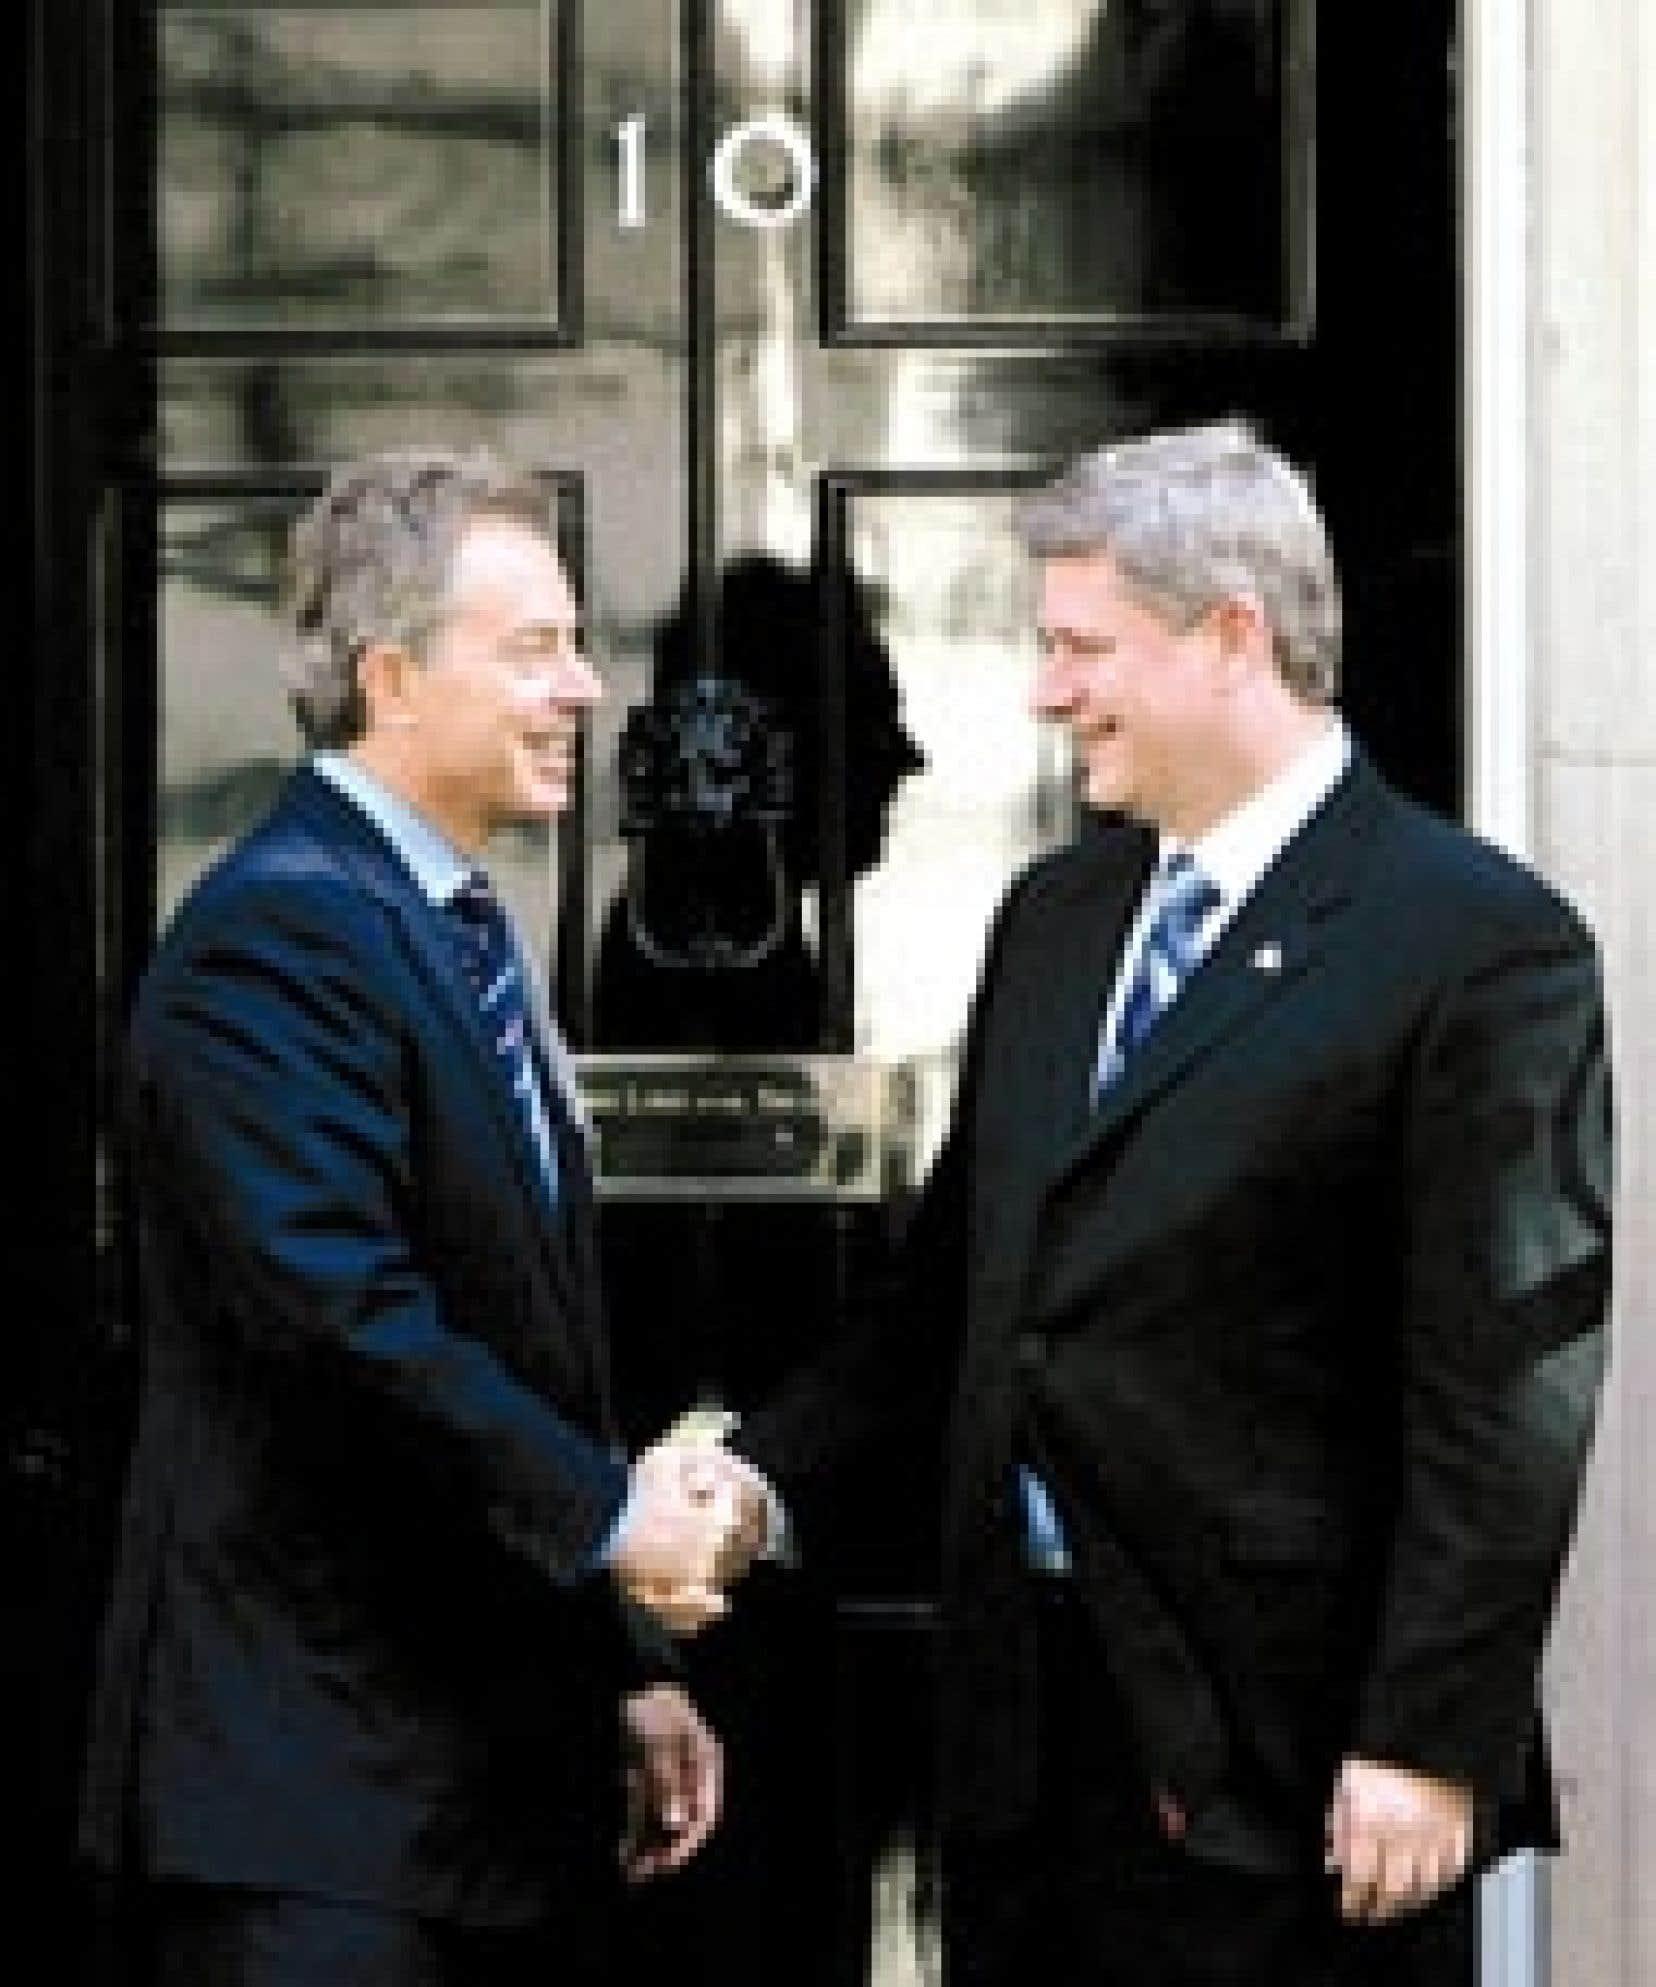 Tony Blair et Stephen Harper partagent les mêmes vues sur les plus récents développements dans le conflit opposant Israéliens et Palestiniens.